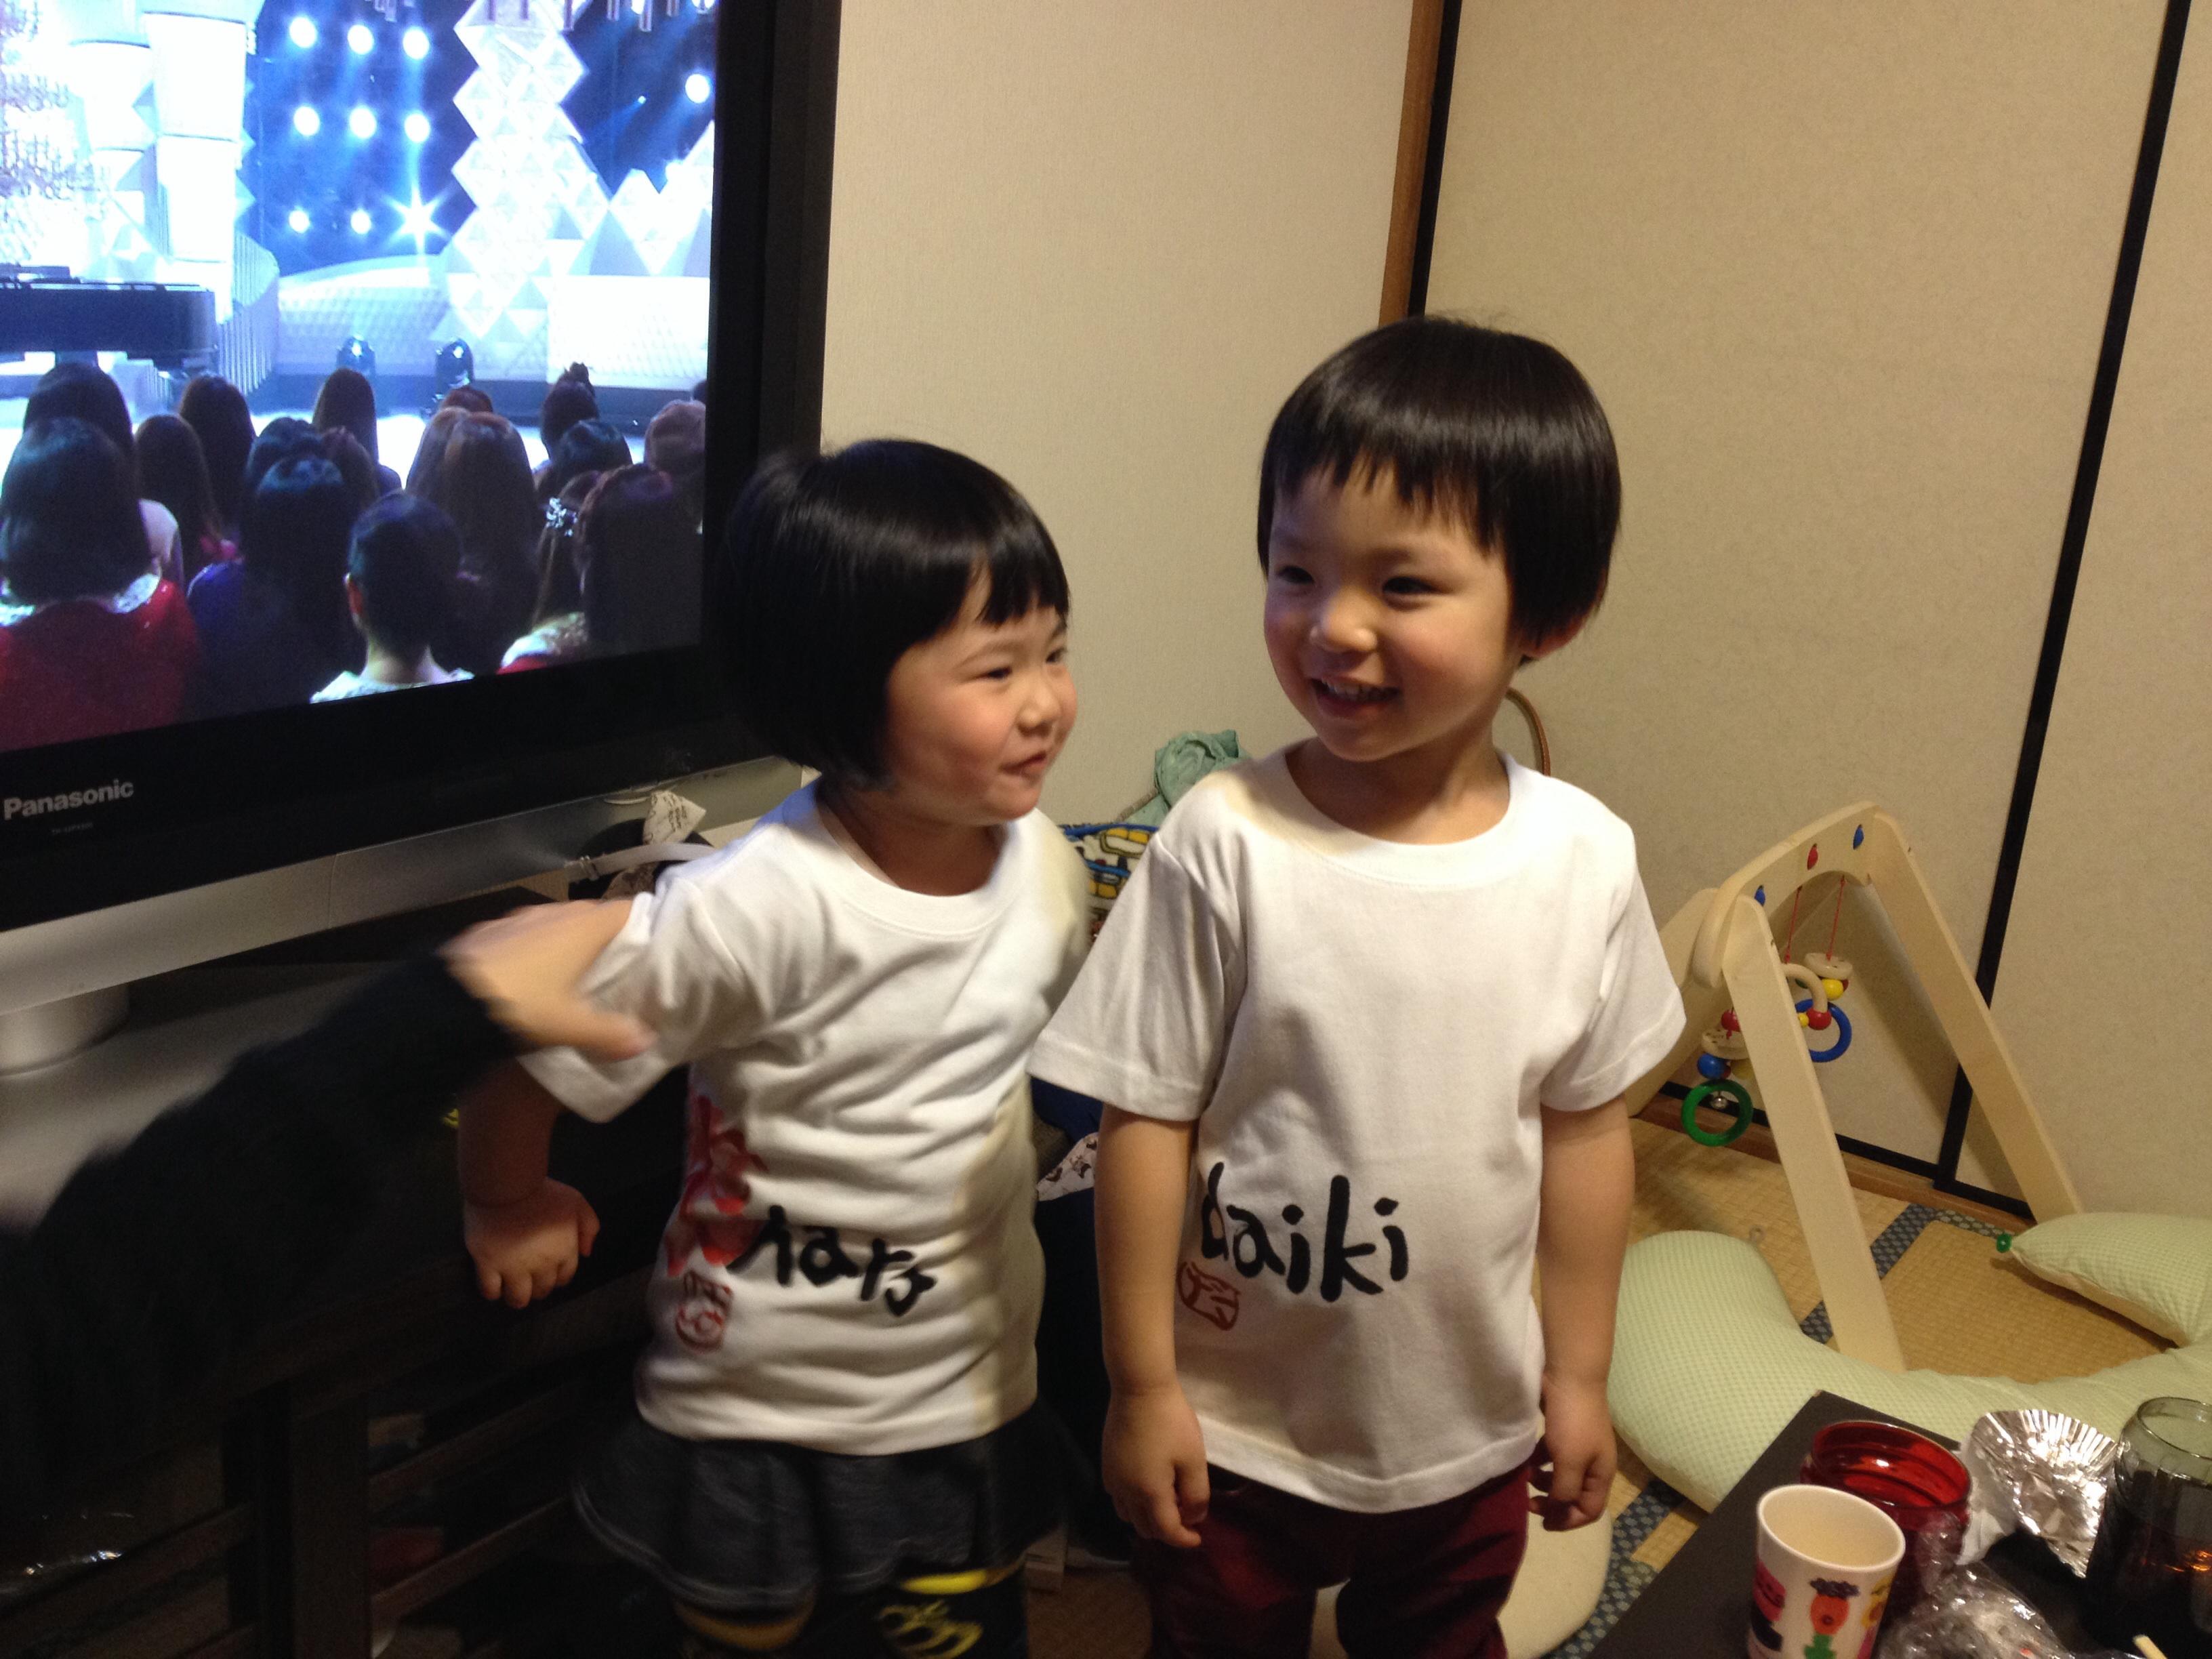 手描き名前tシャツ2枚